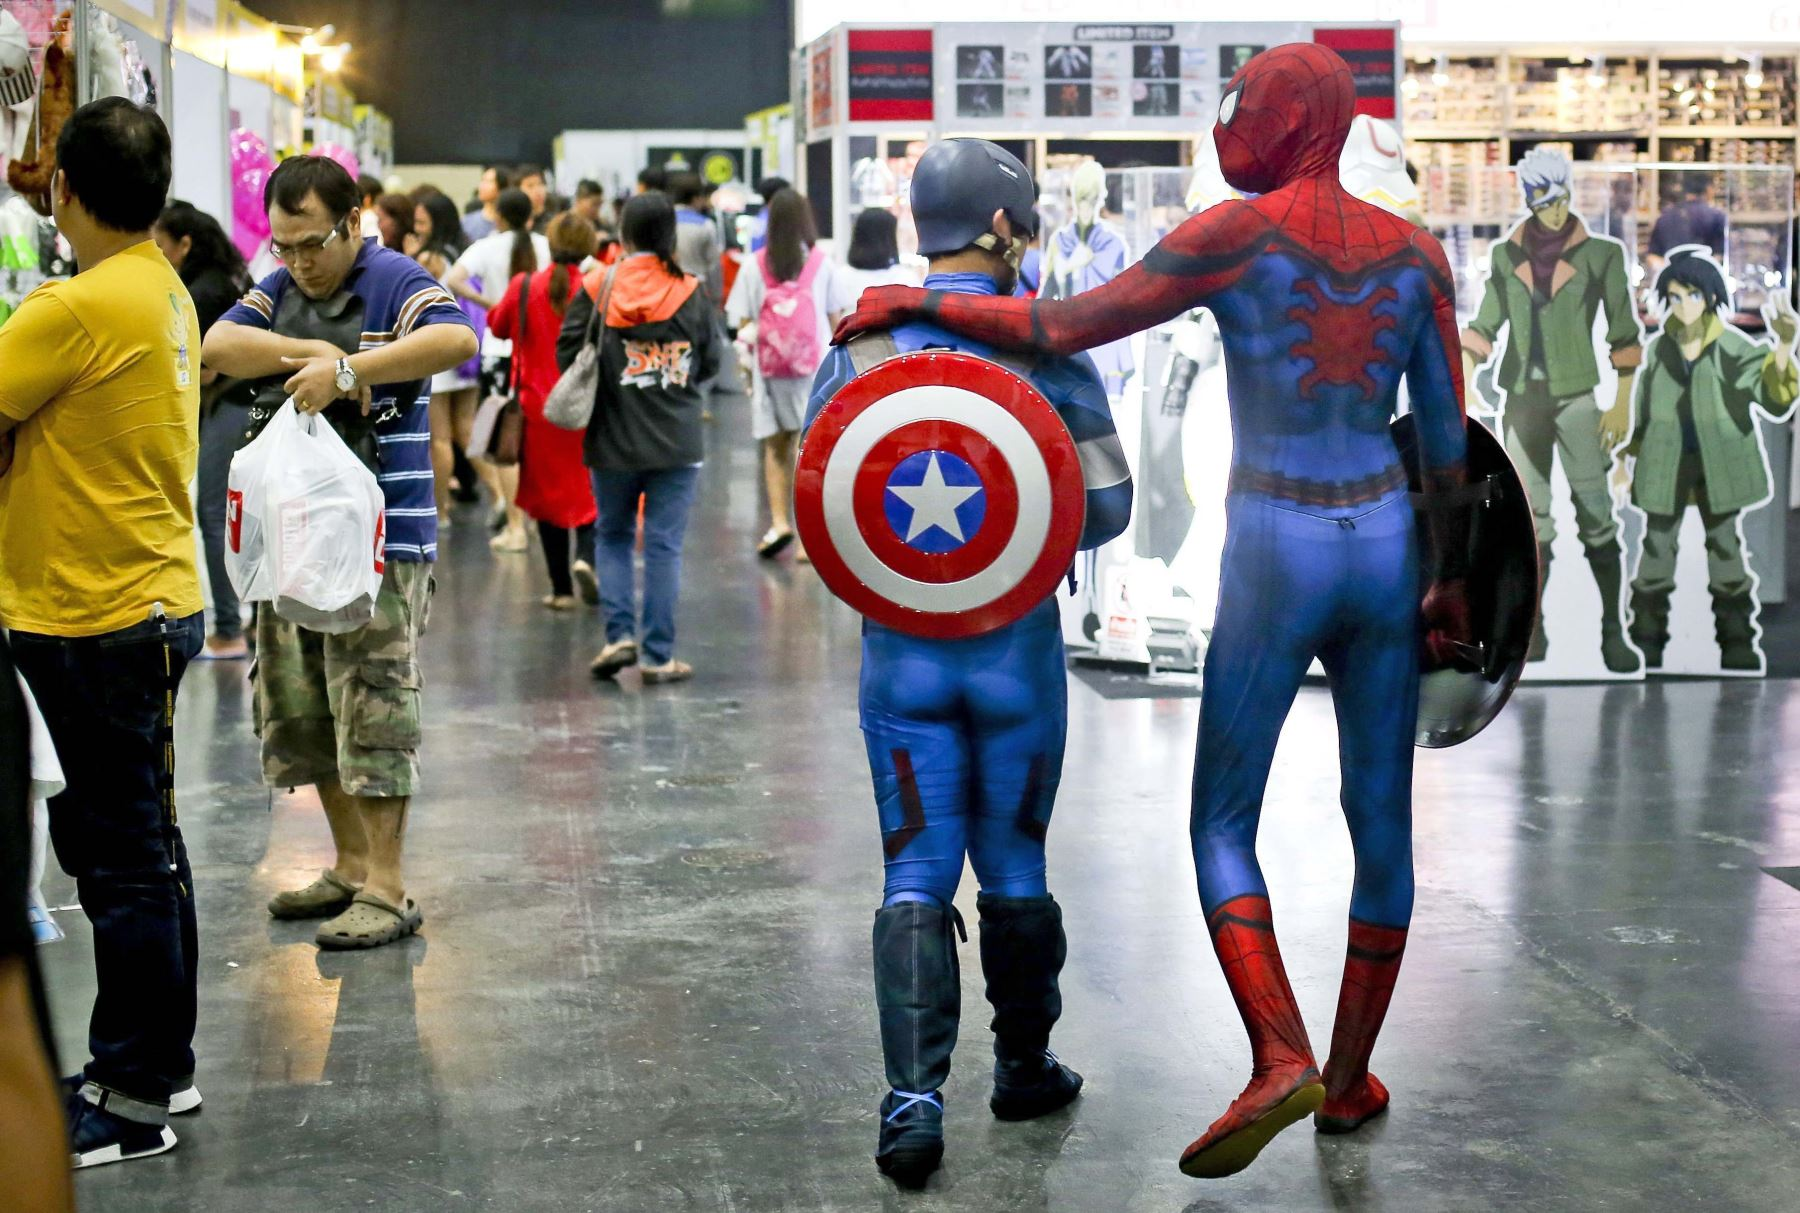 Dos personas disfrazadas de Superman y Capitán América asisten a la Bangkok Comic que se celebra en Tailandia. Foto: EFE